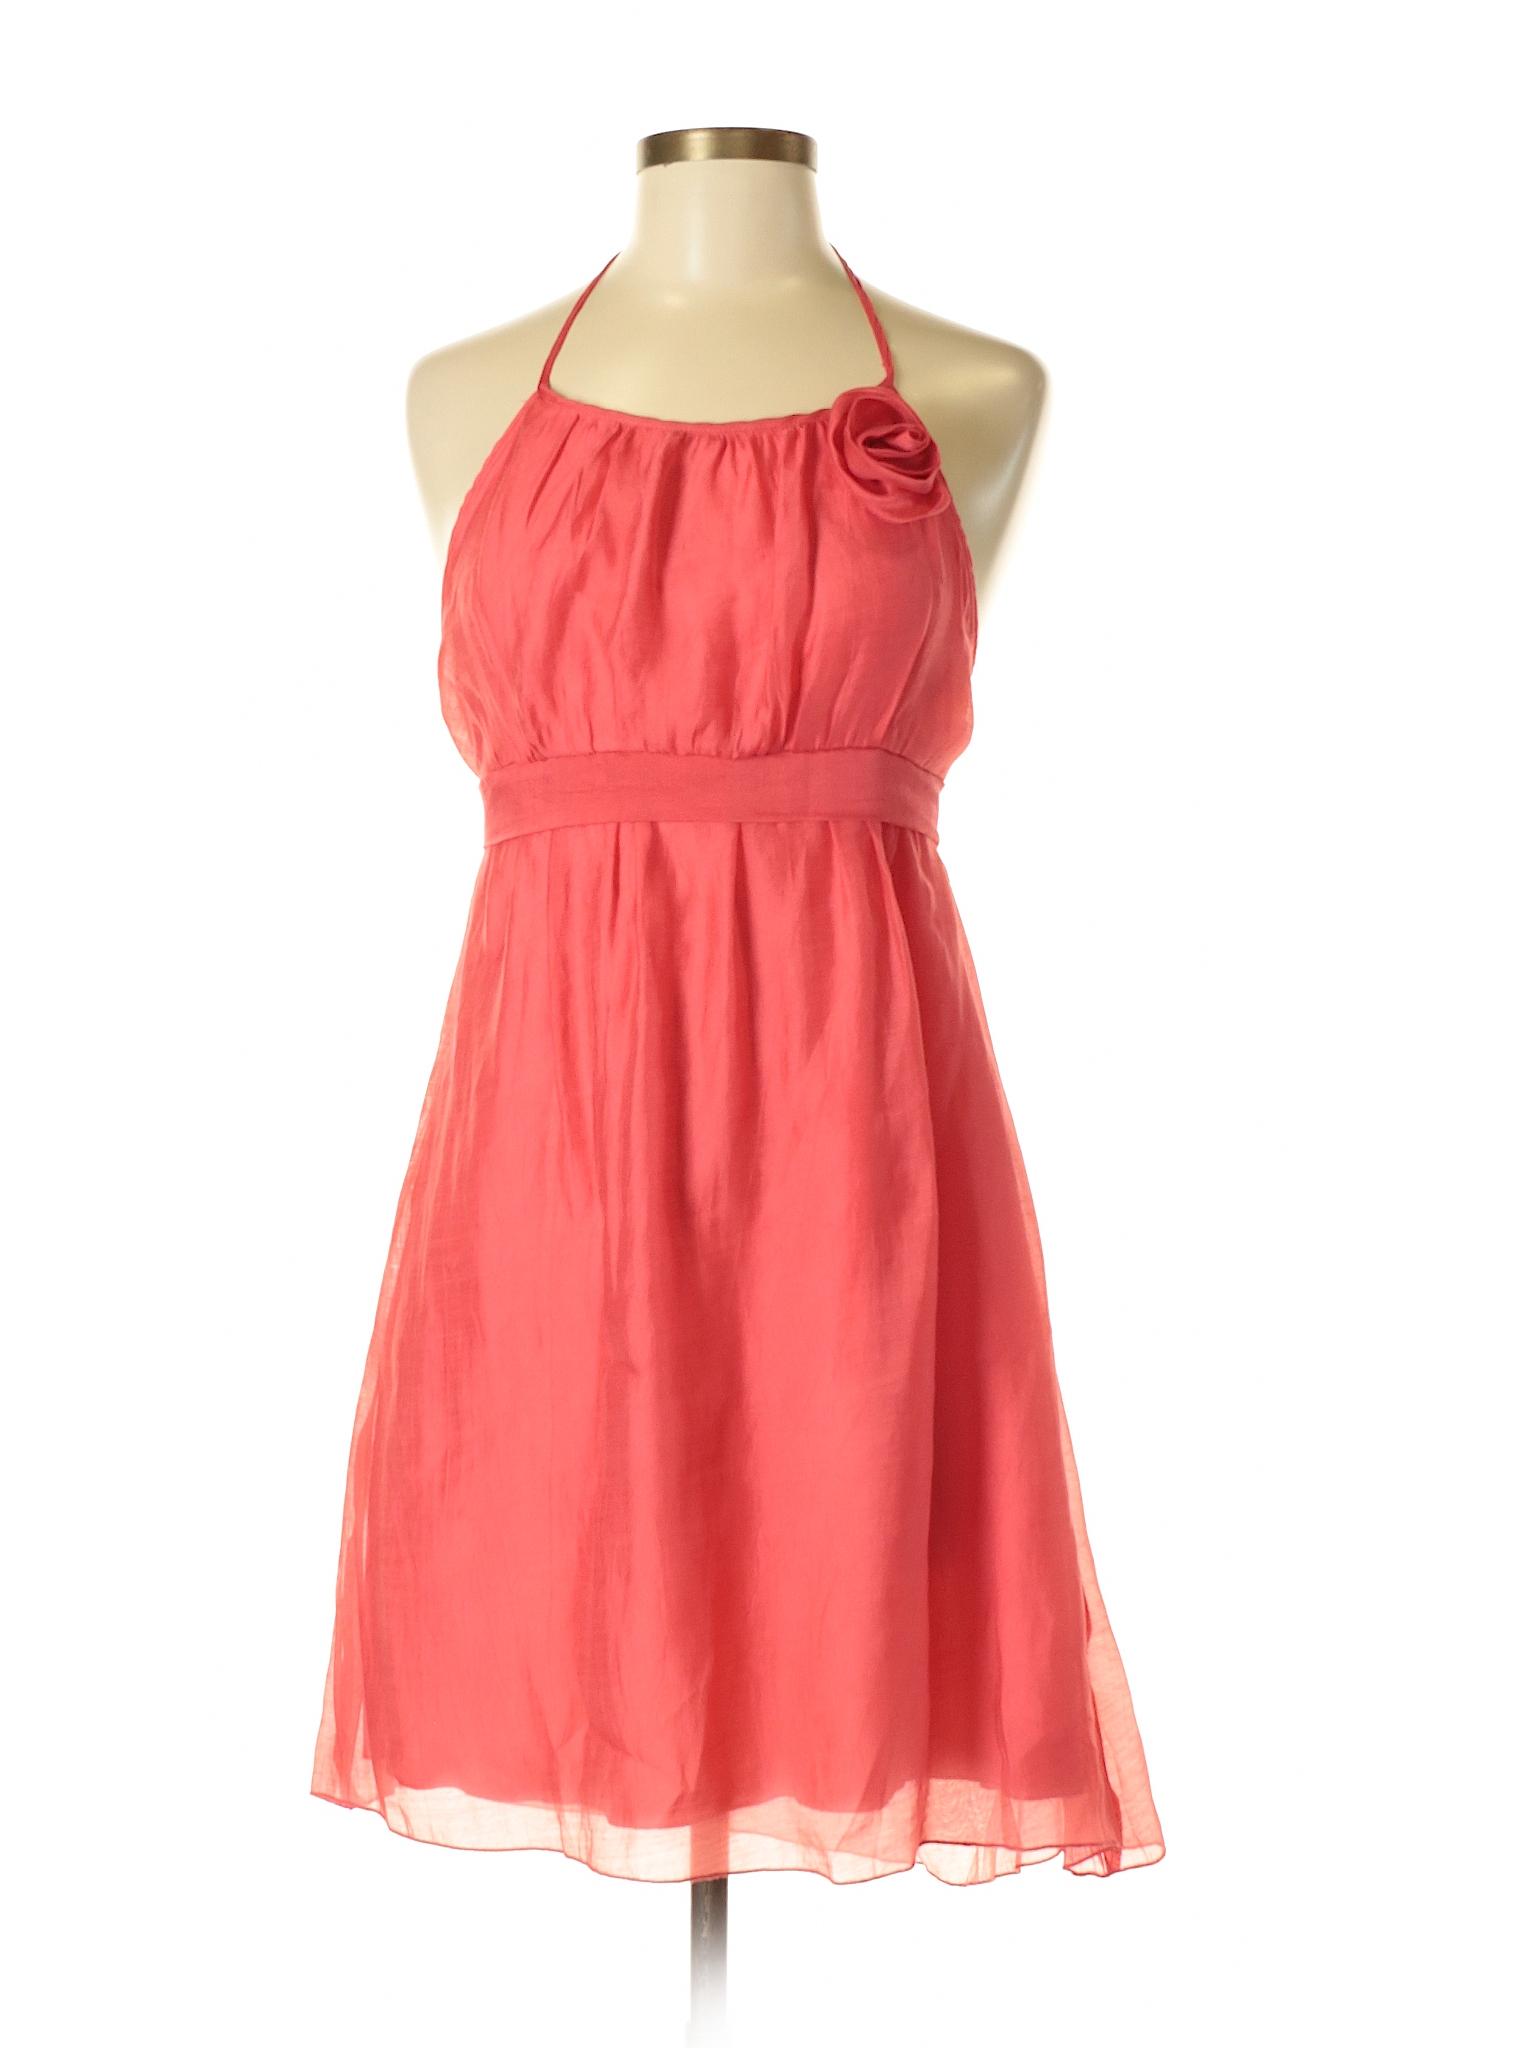 Casual dress fashion styling me beautiful pinterest free